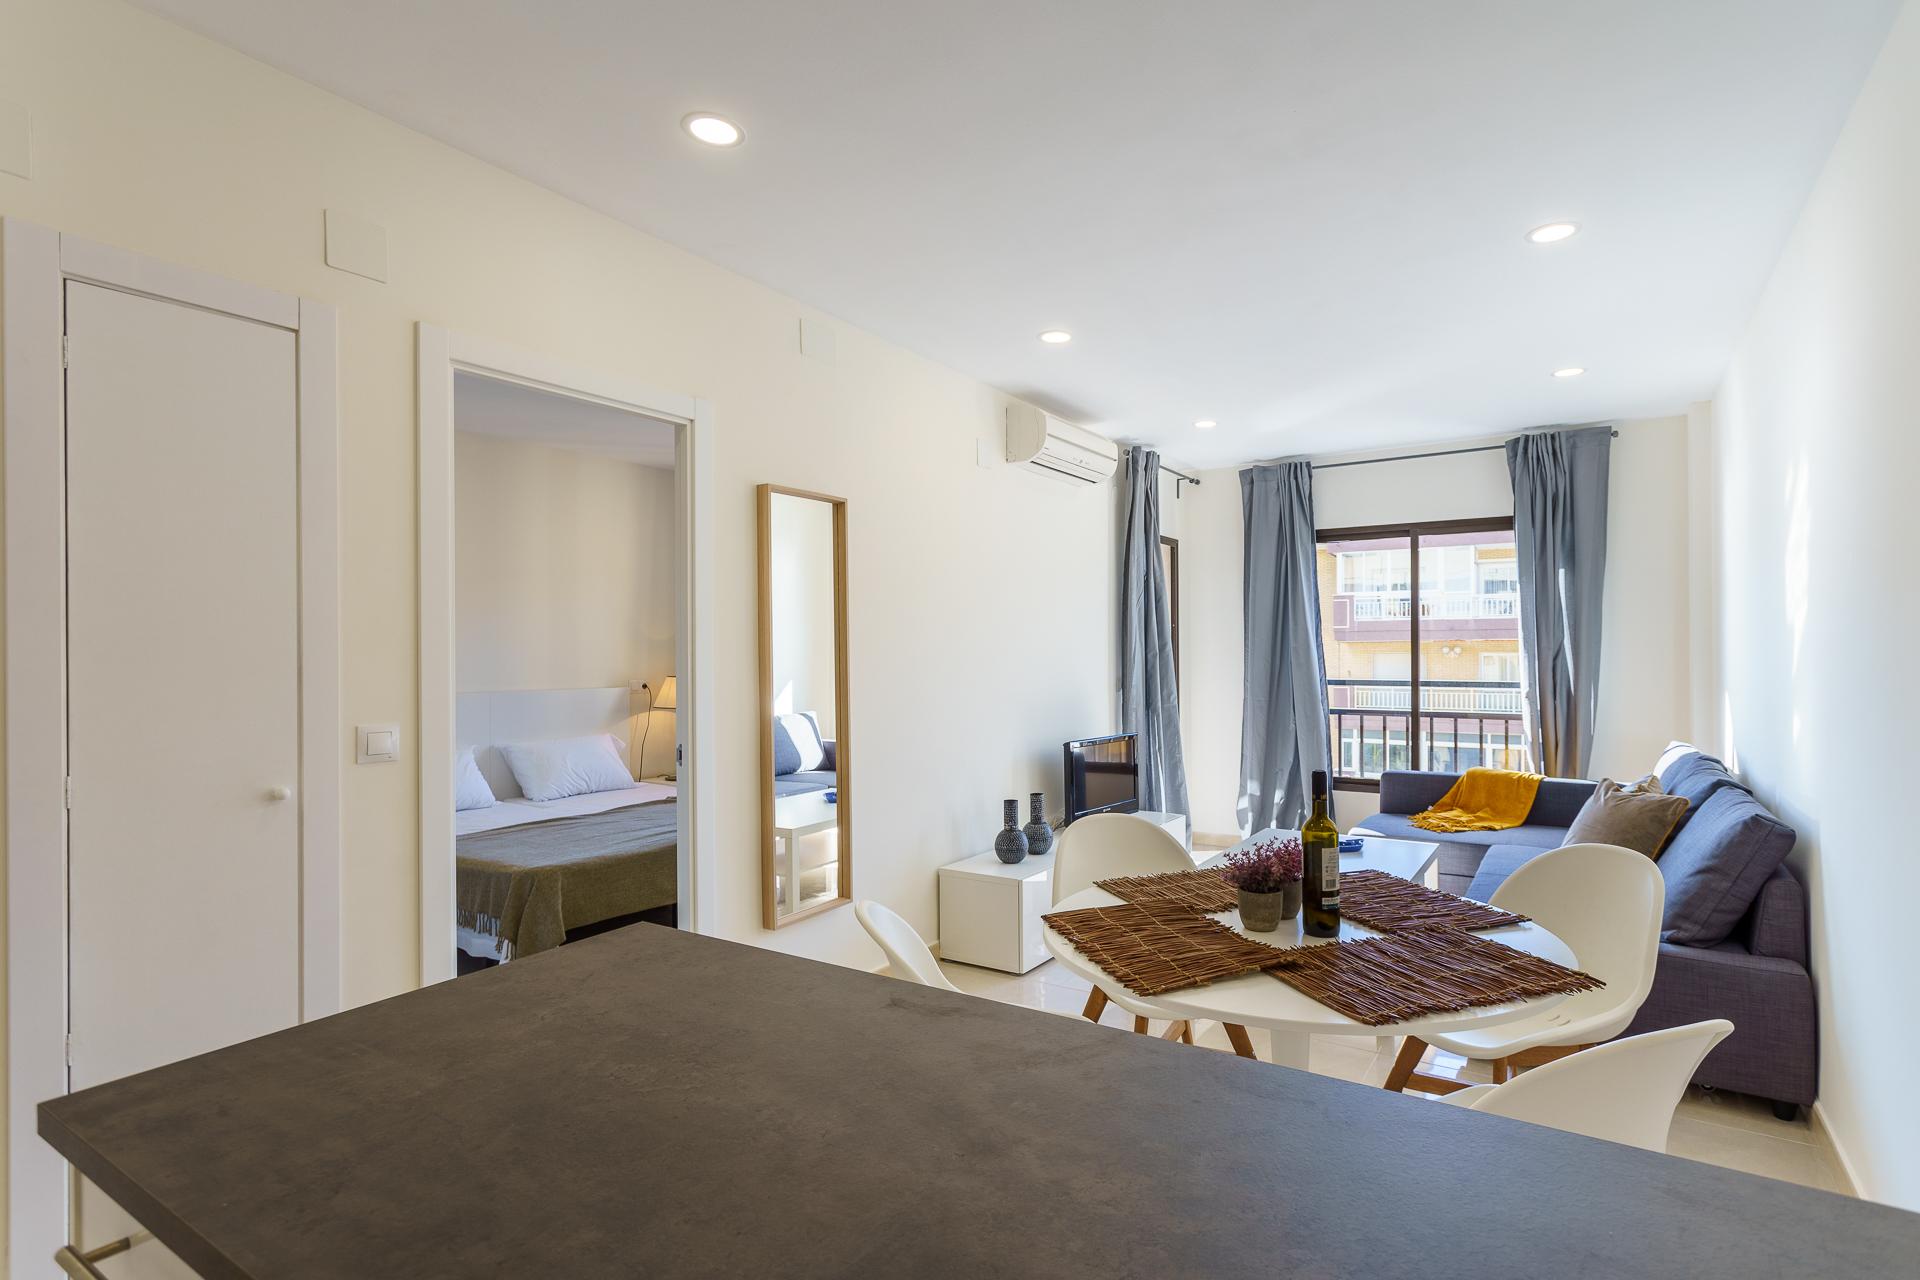 Apartment MalagaSuite Cozy Apartment in Fuengirola photo 20507072